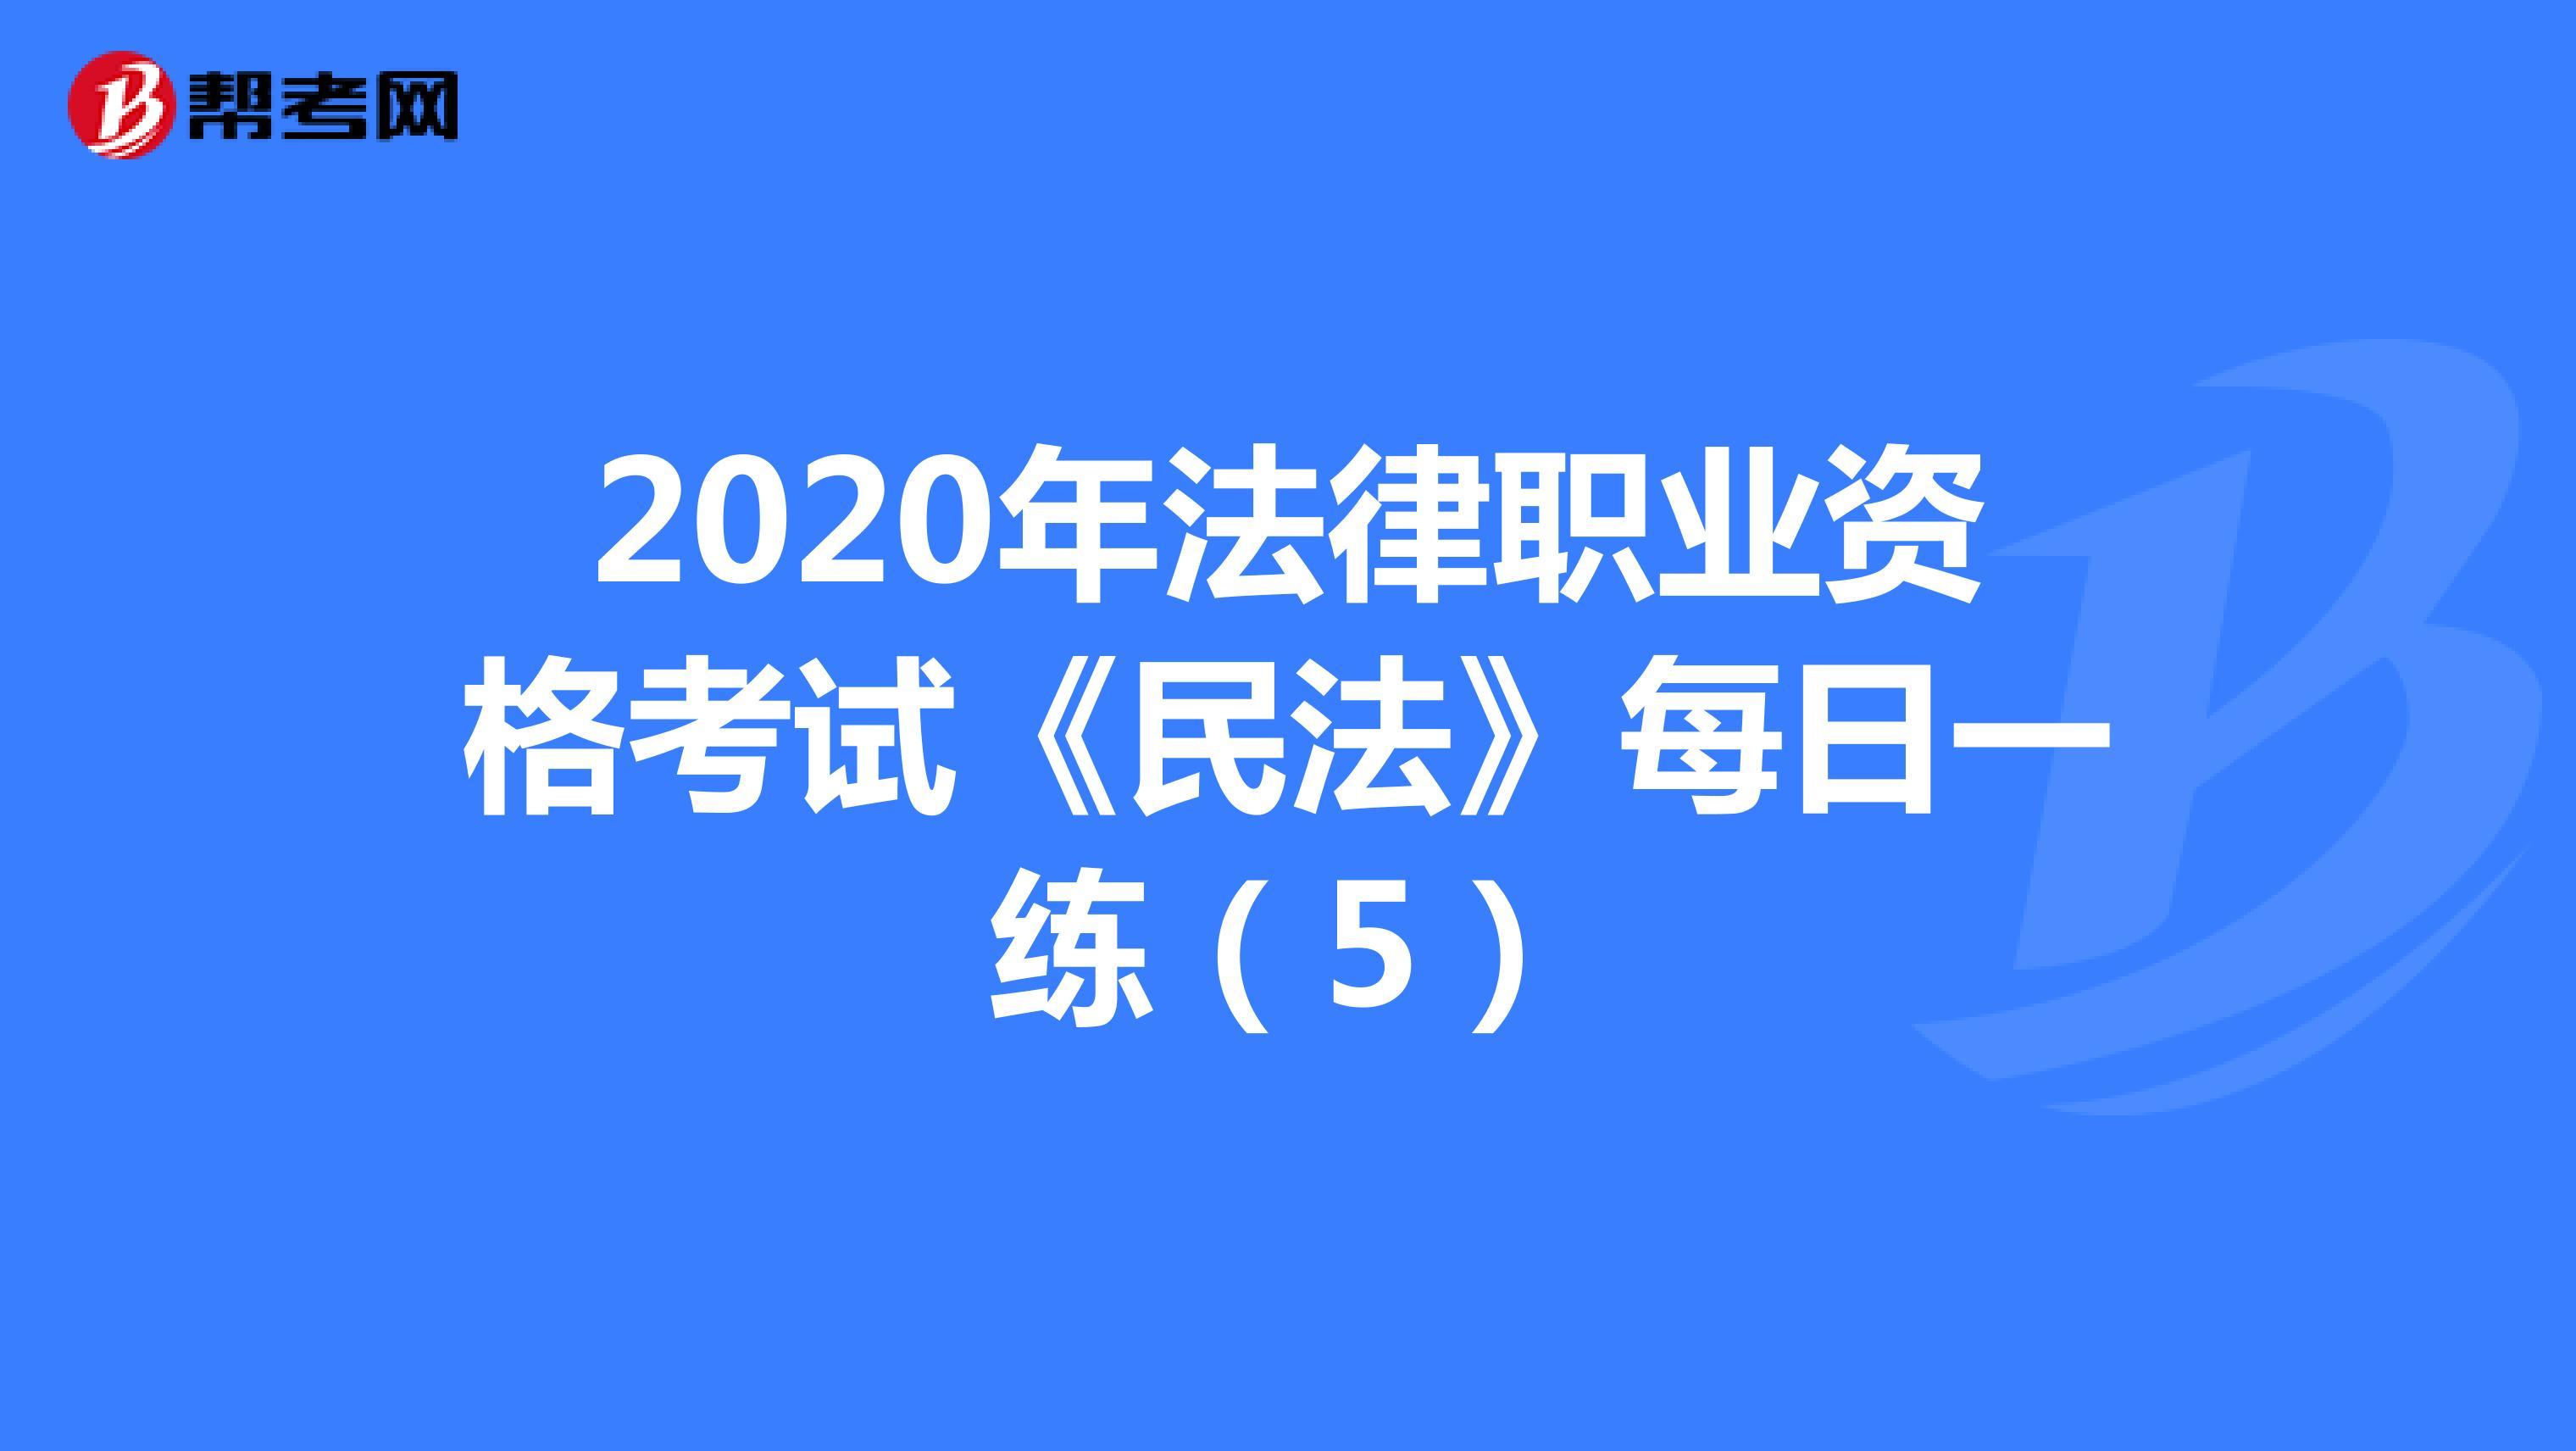 2020年法律职业资格考试《民法》每日一练(5)